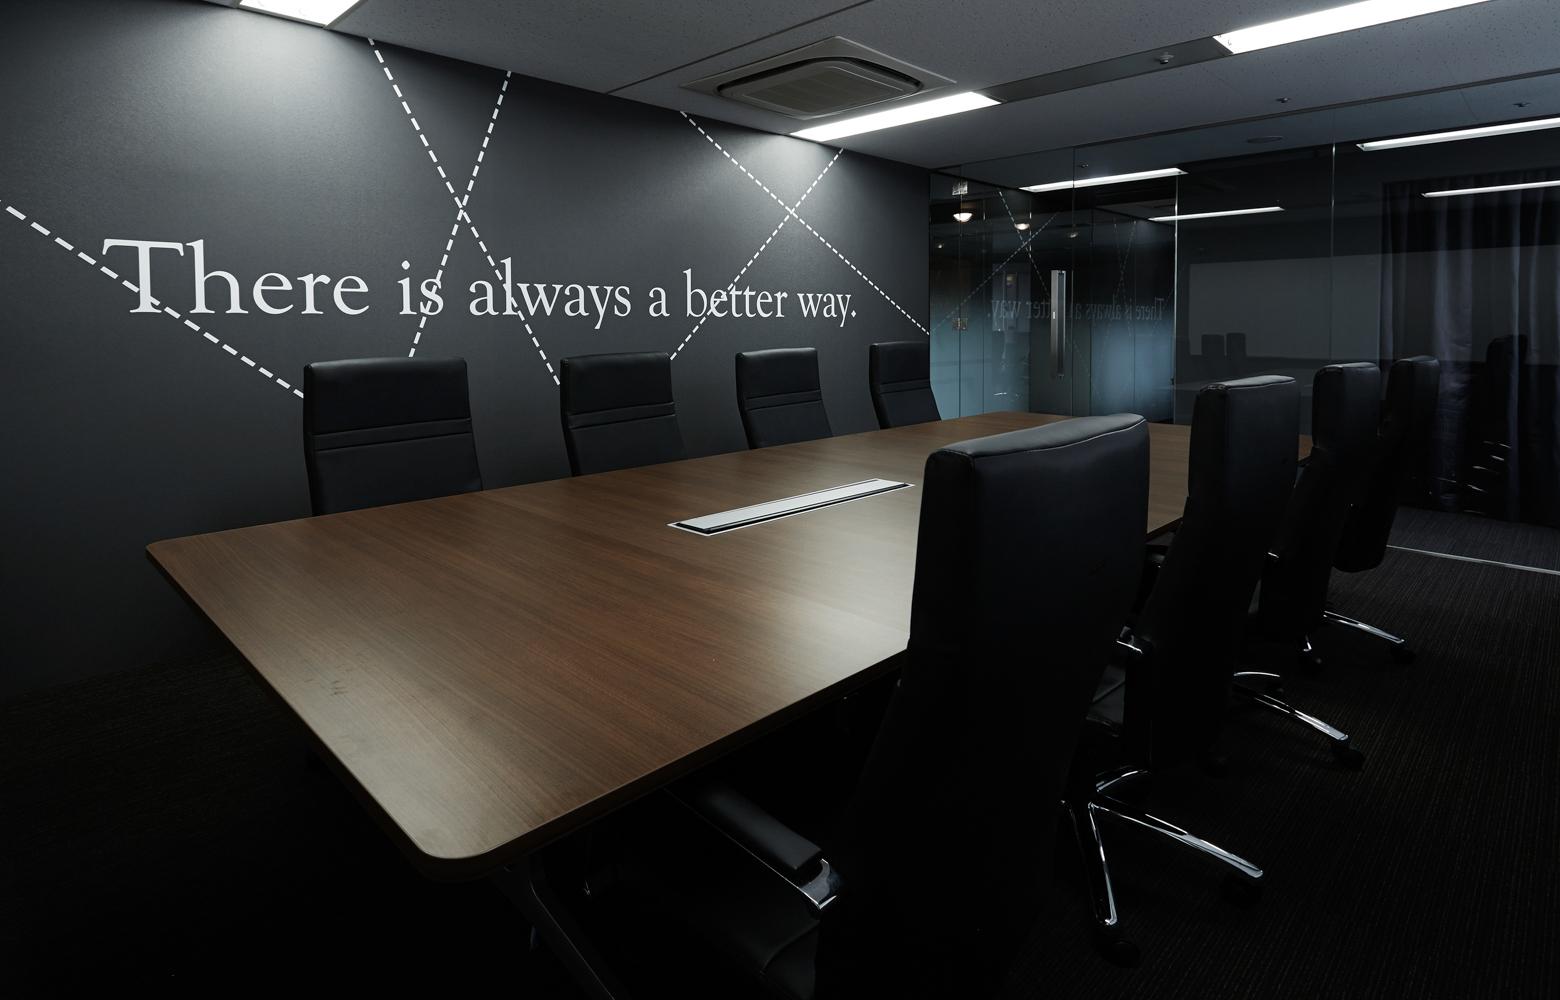 株式会社エイム・ソフト Meeting Room_2 デザイン・レイアウト事例